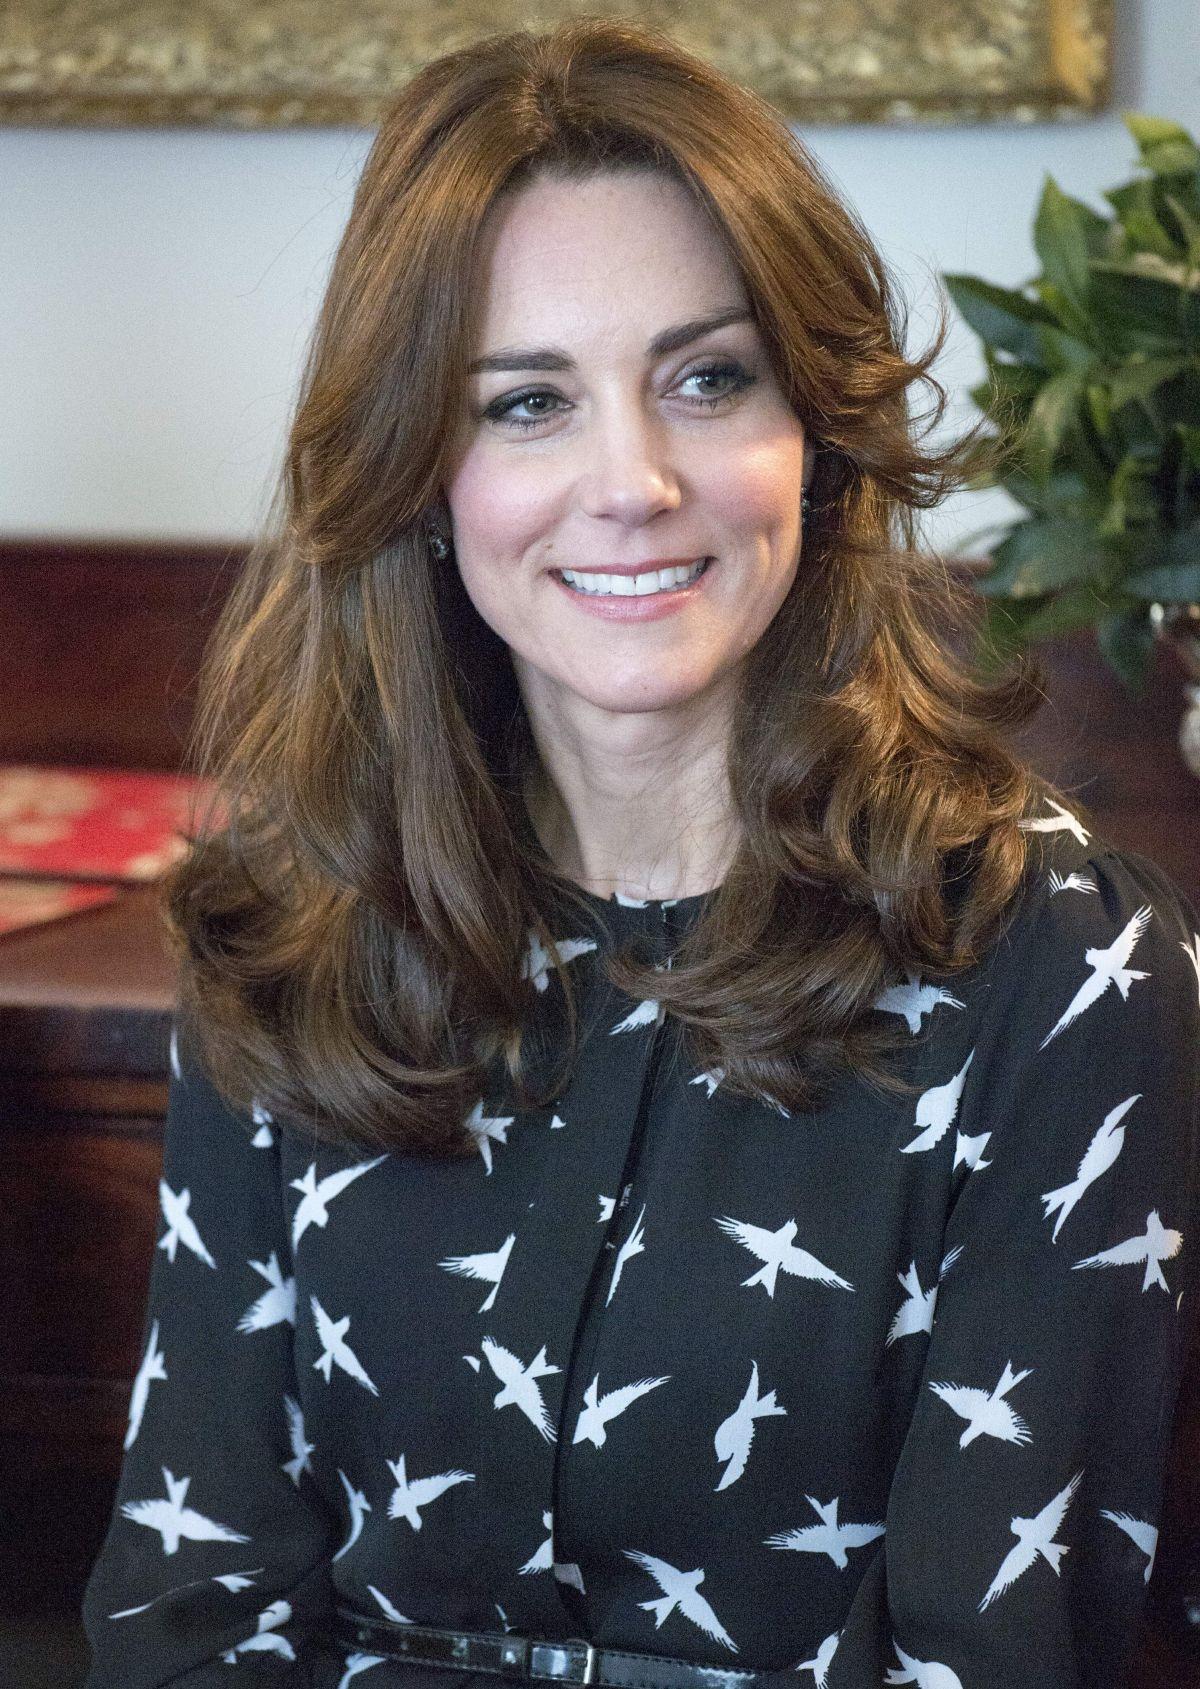 Kate Middleton At Kensington Palace In London 03 10 2016